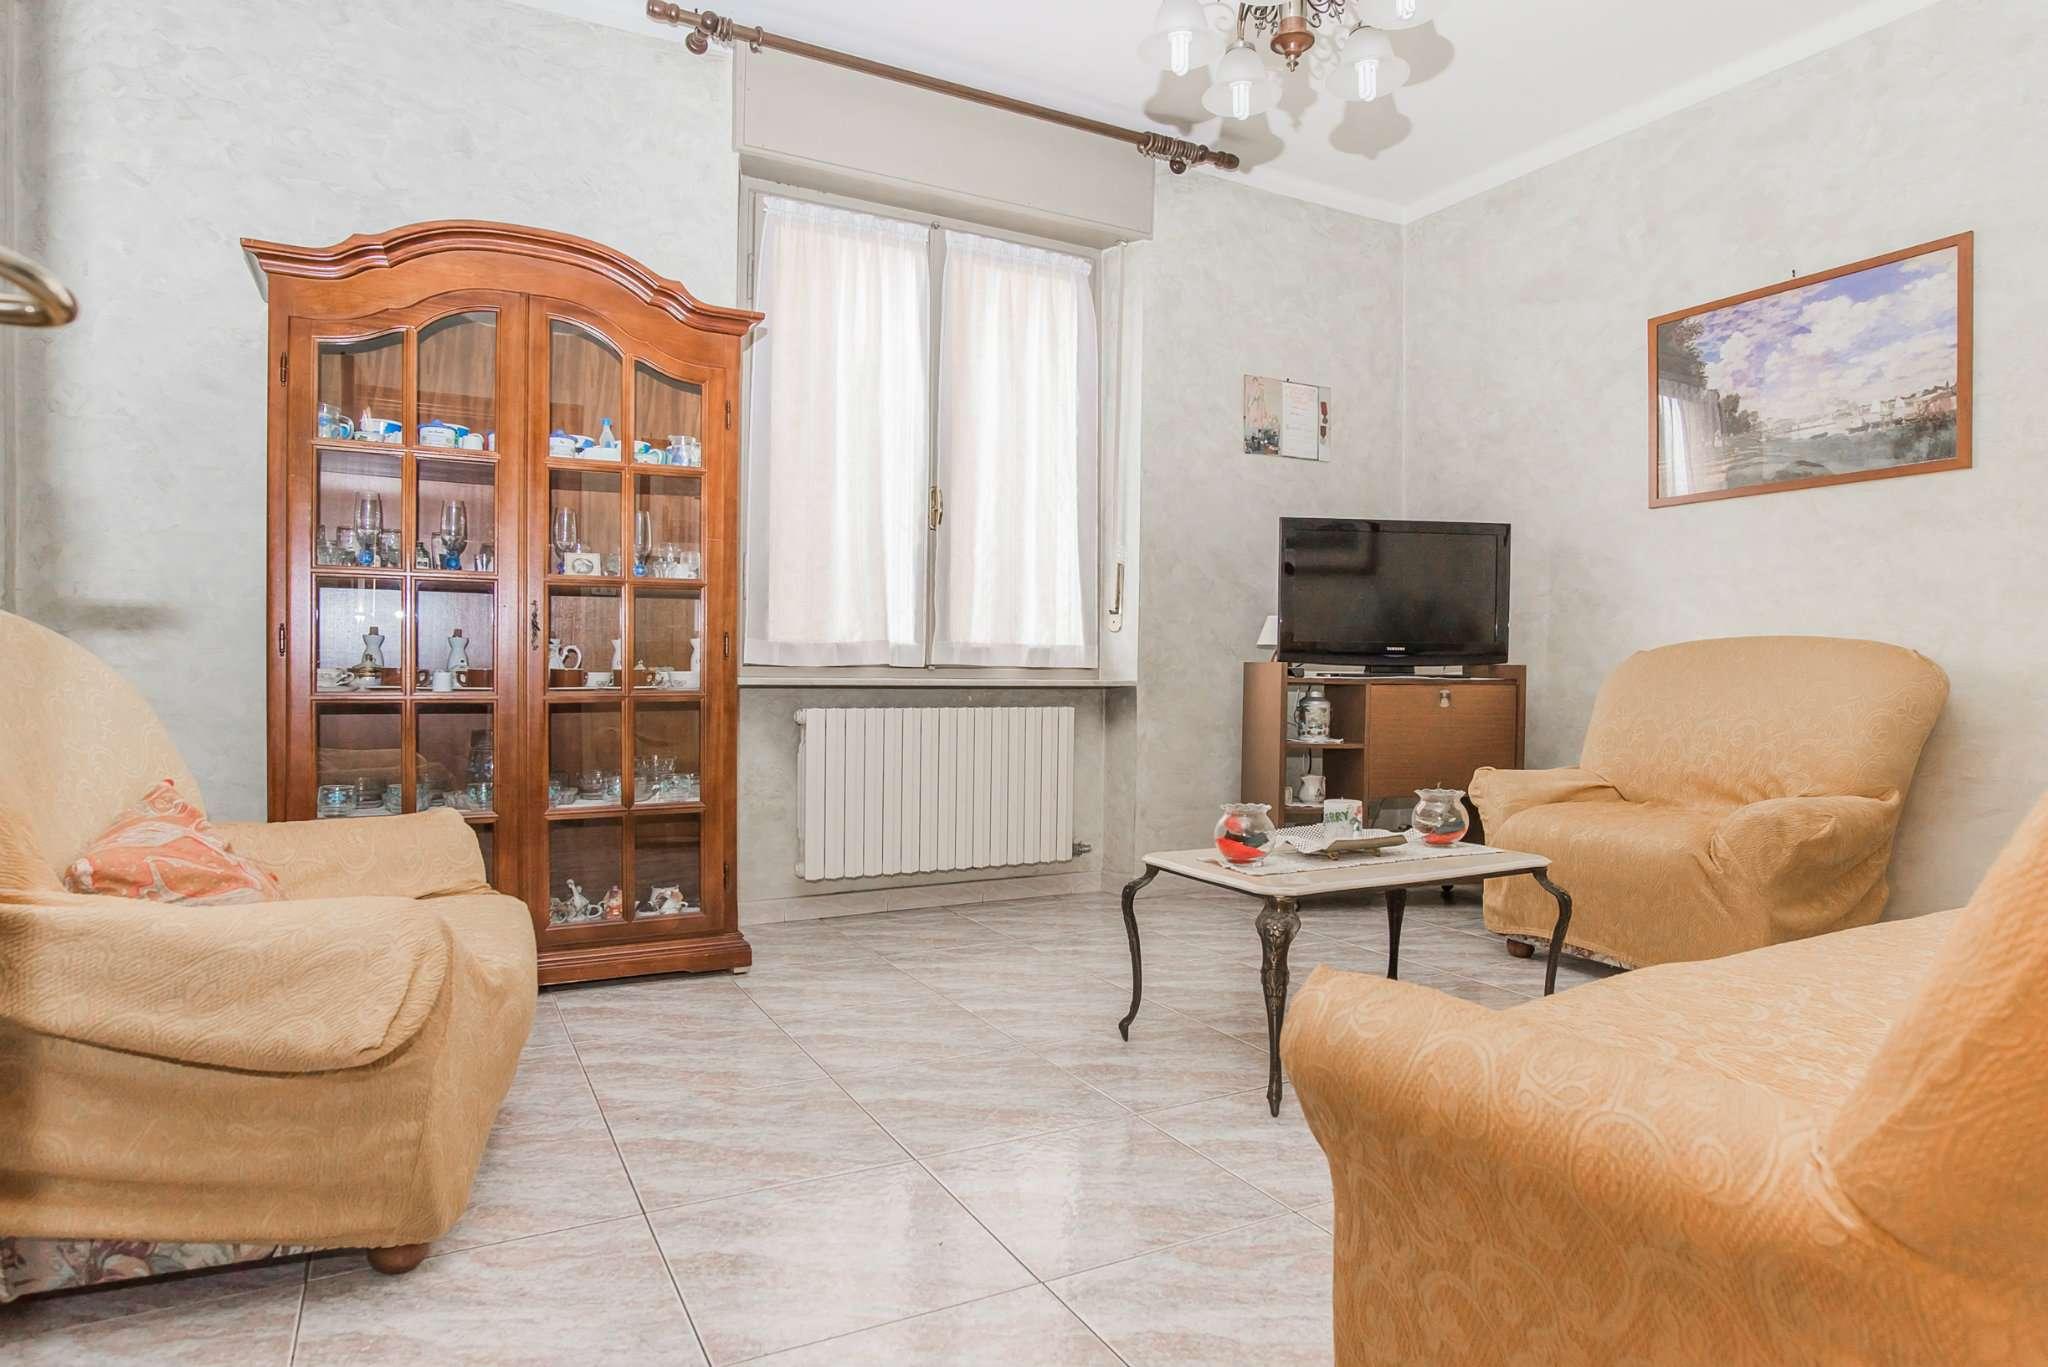 Appartamento in vendita a Candiolo, 5 locali, prezzo € 99.000 | CambioCasa.it